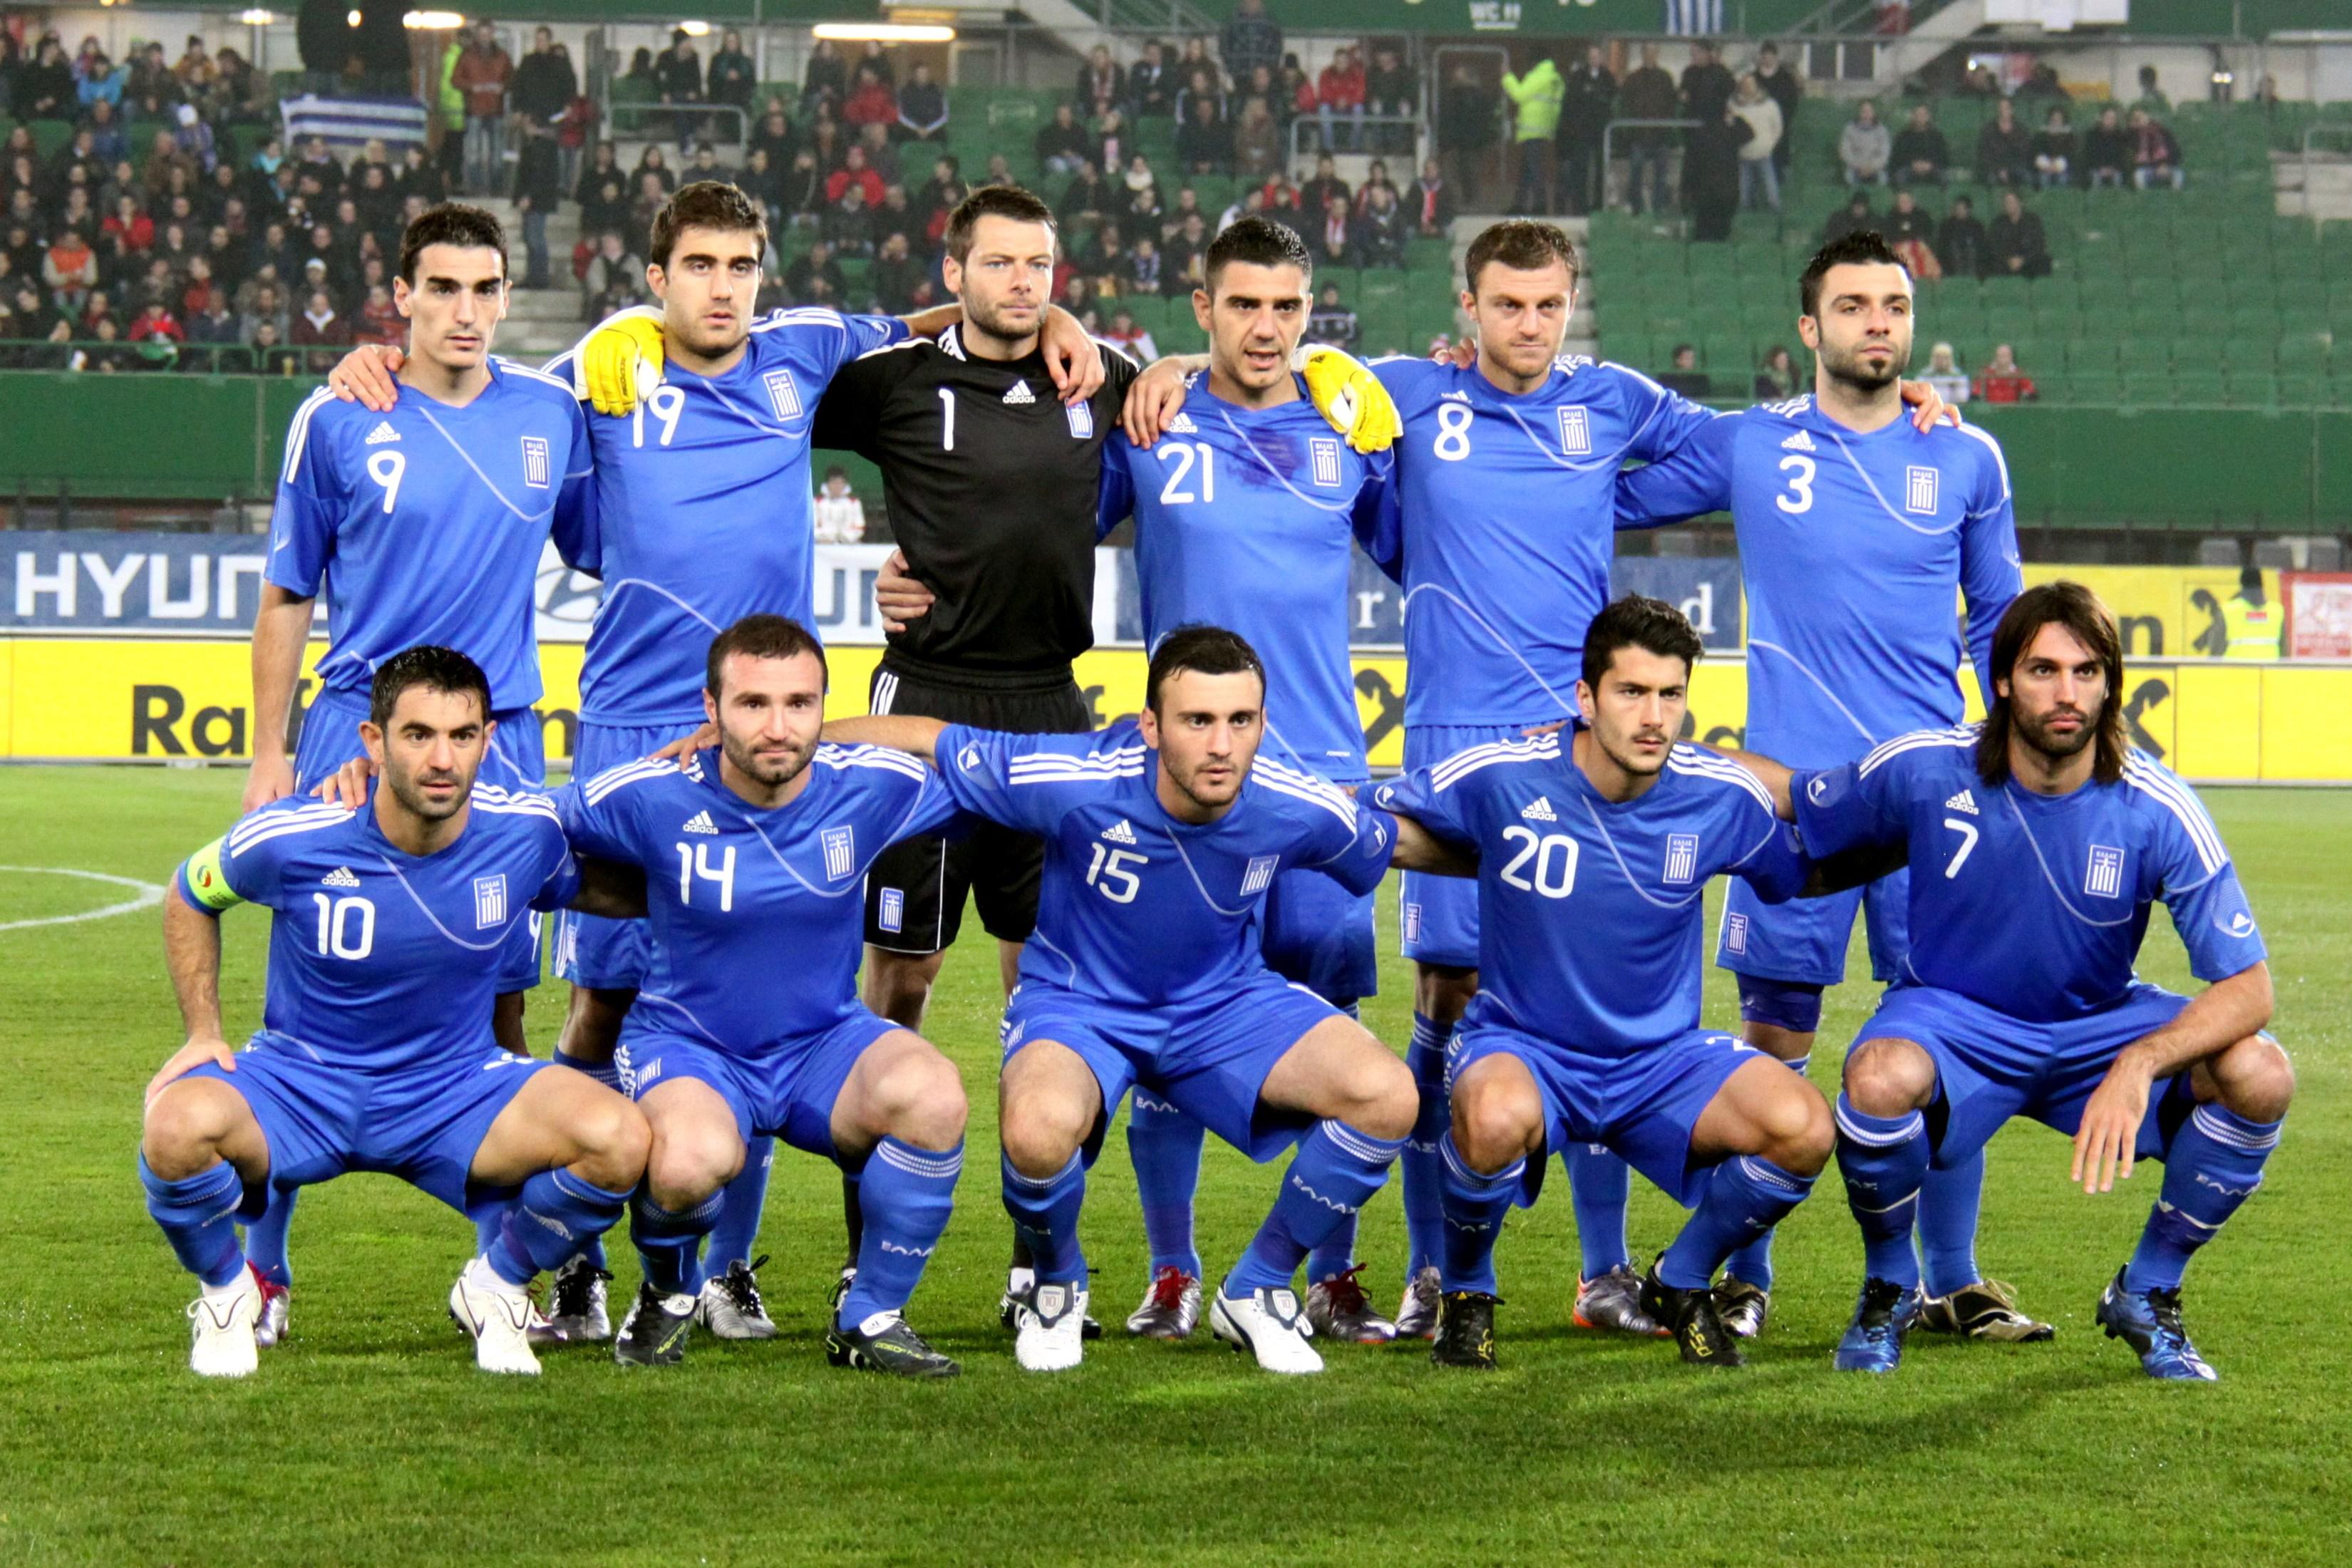 Kết quả hình ảnh cho bóng đá nước Hy Lạp